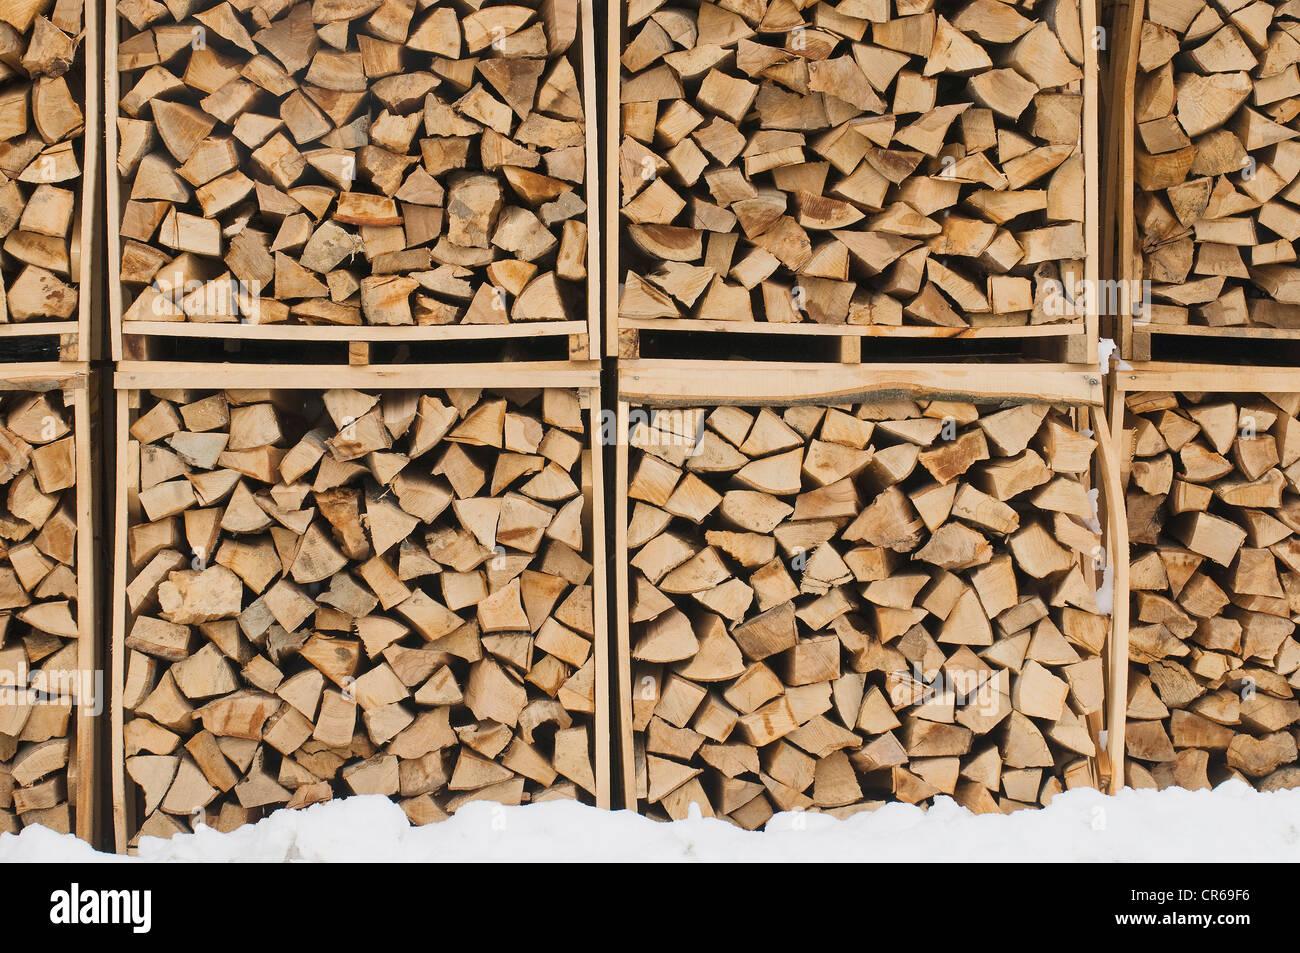 Genau gefüllte Kästchen Feuerholz im Schnee, Holz, Hintergrund Stockbild